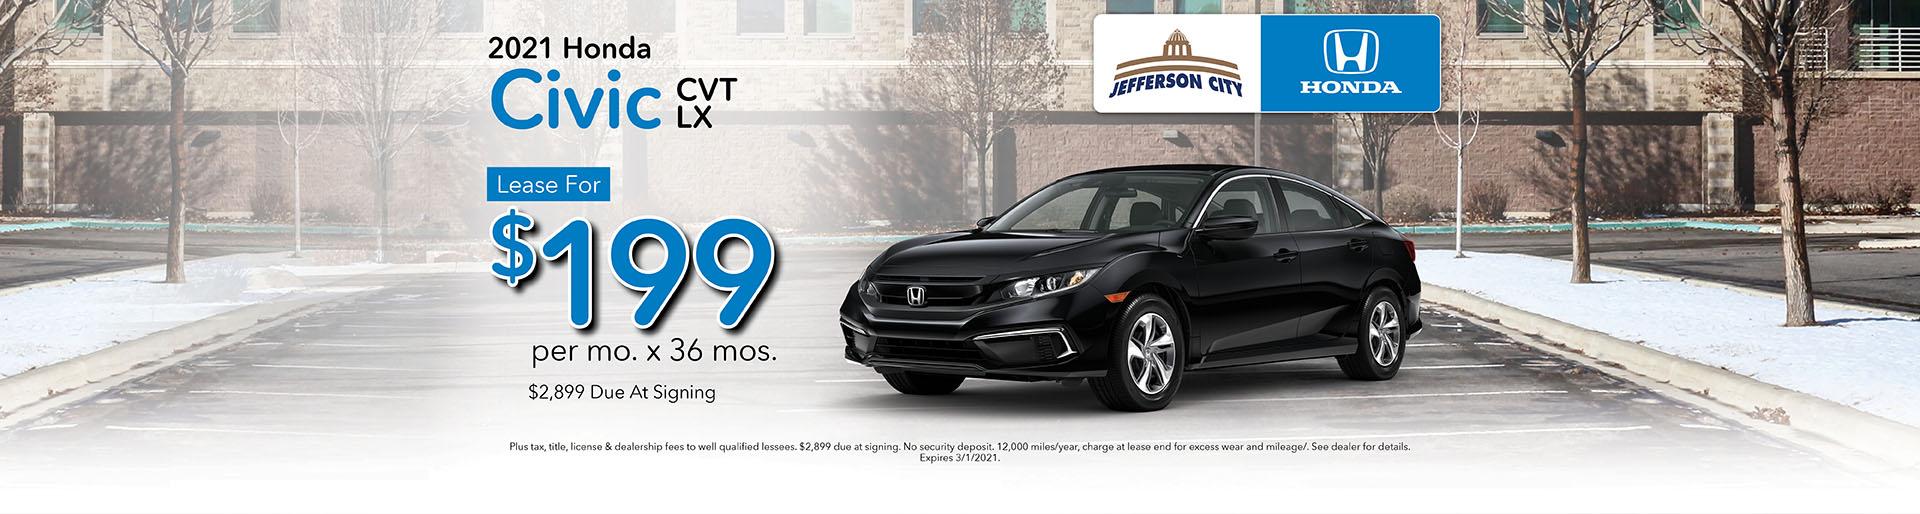 2020 CR-V LX | Lease for $330/mo x 36 Mos. | Jefferson City, MO